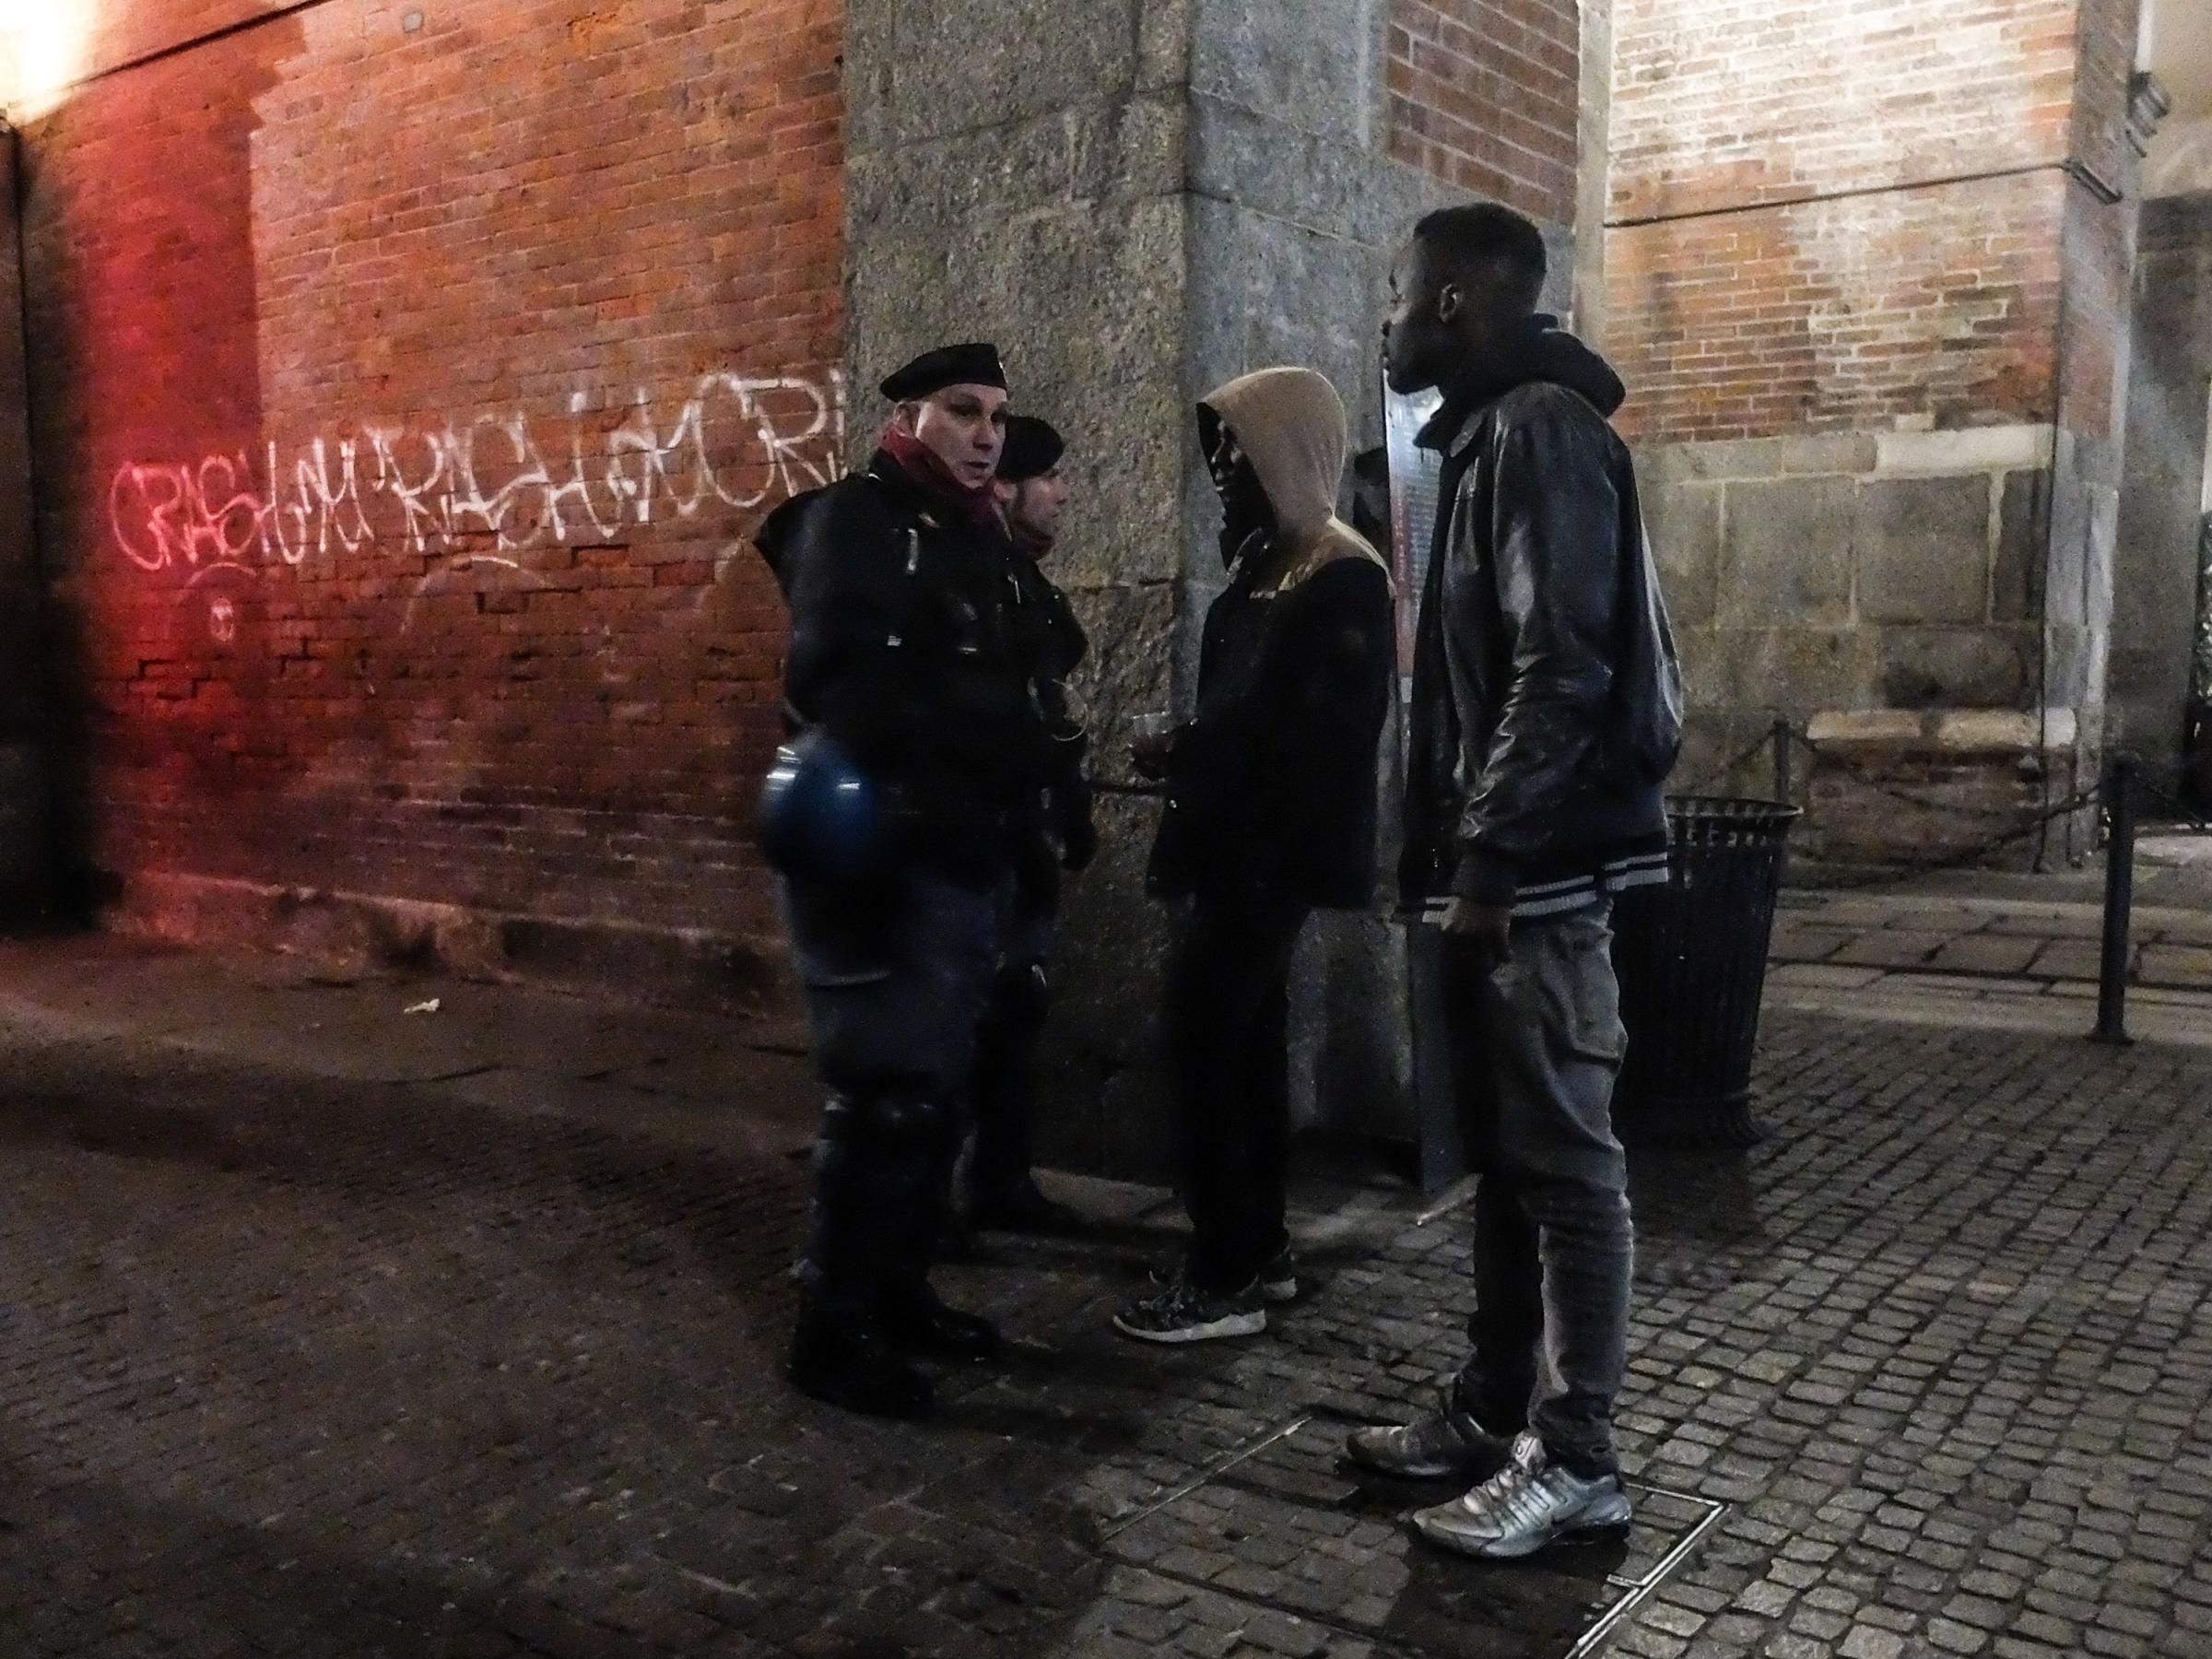 Censis, gli italiani incattiviti e più impoveriti se la prendono con gli stranieri